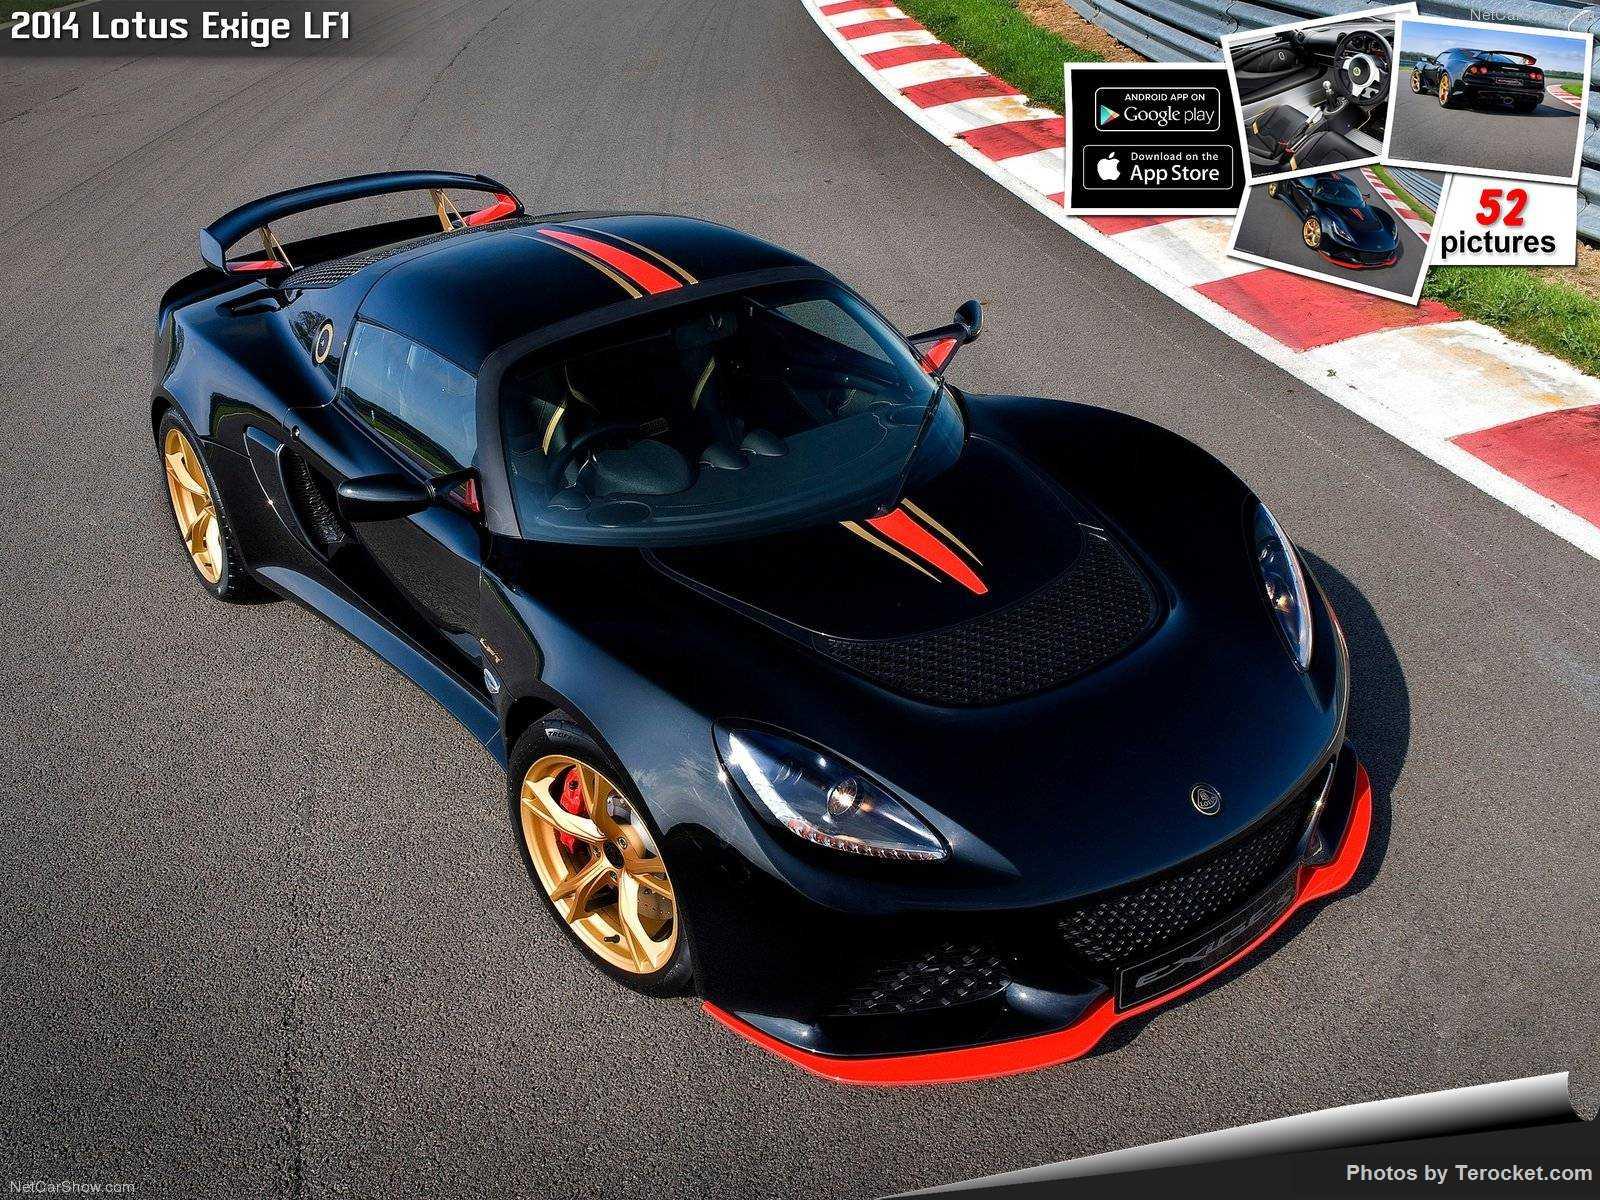 Hình ảnh siêu xe Lotus Exige LF1 2014 & nội ngoại thất